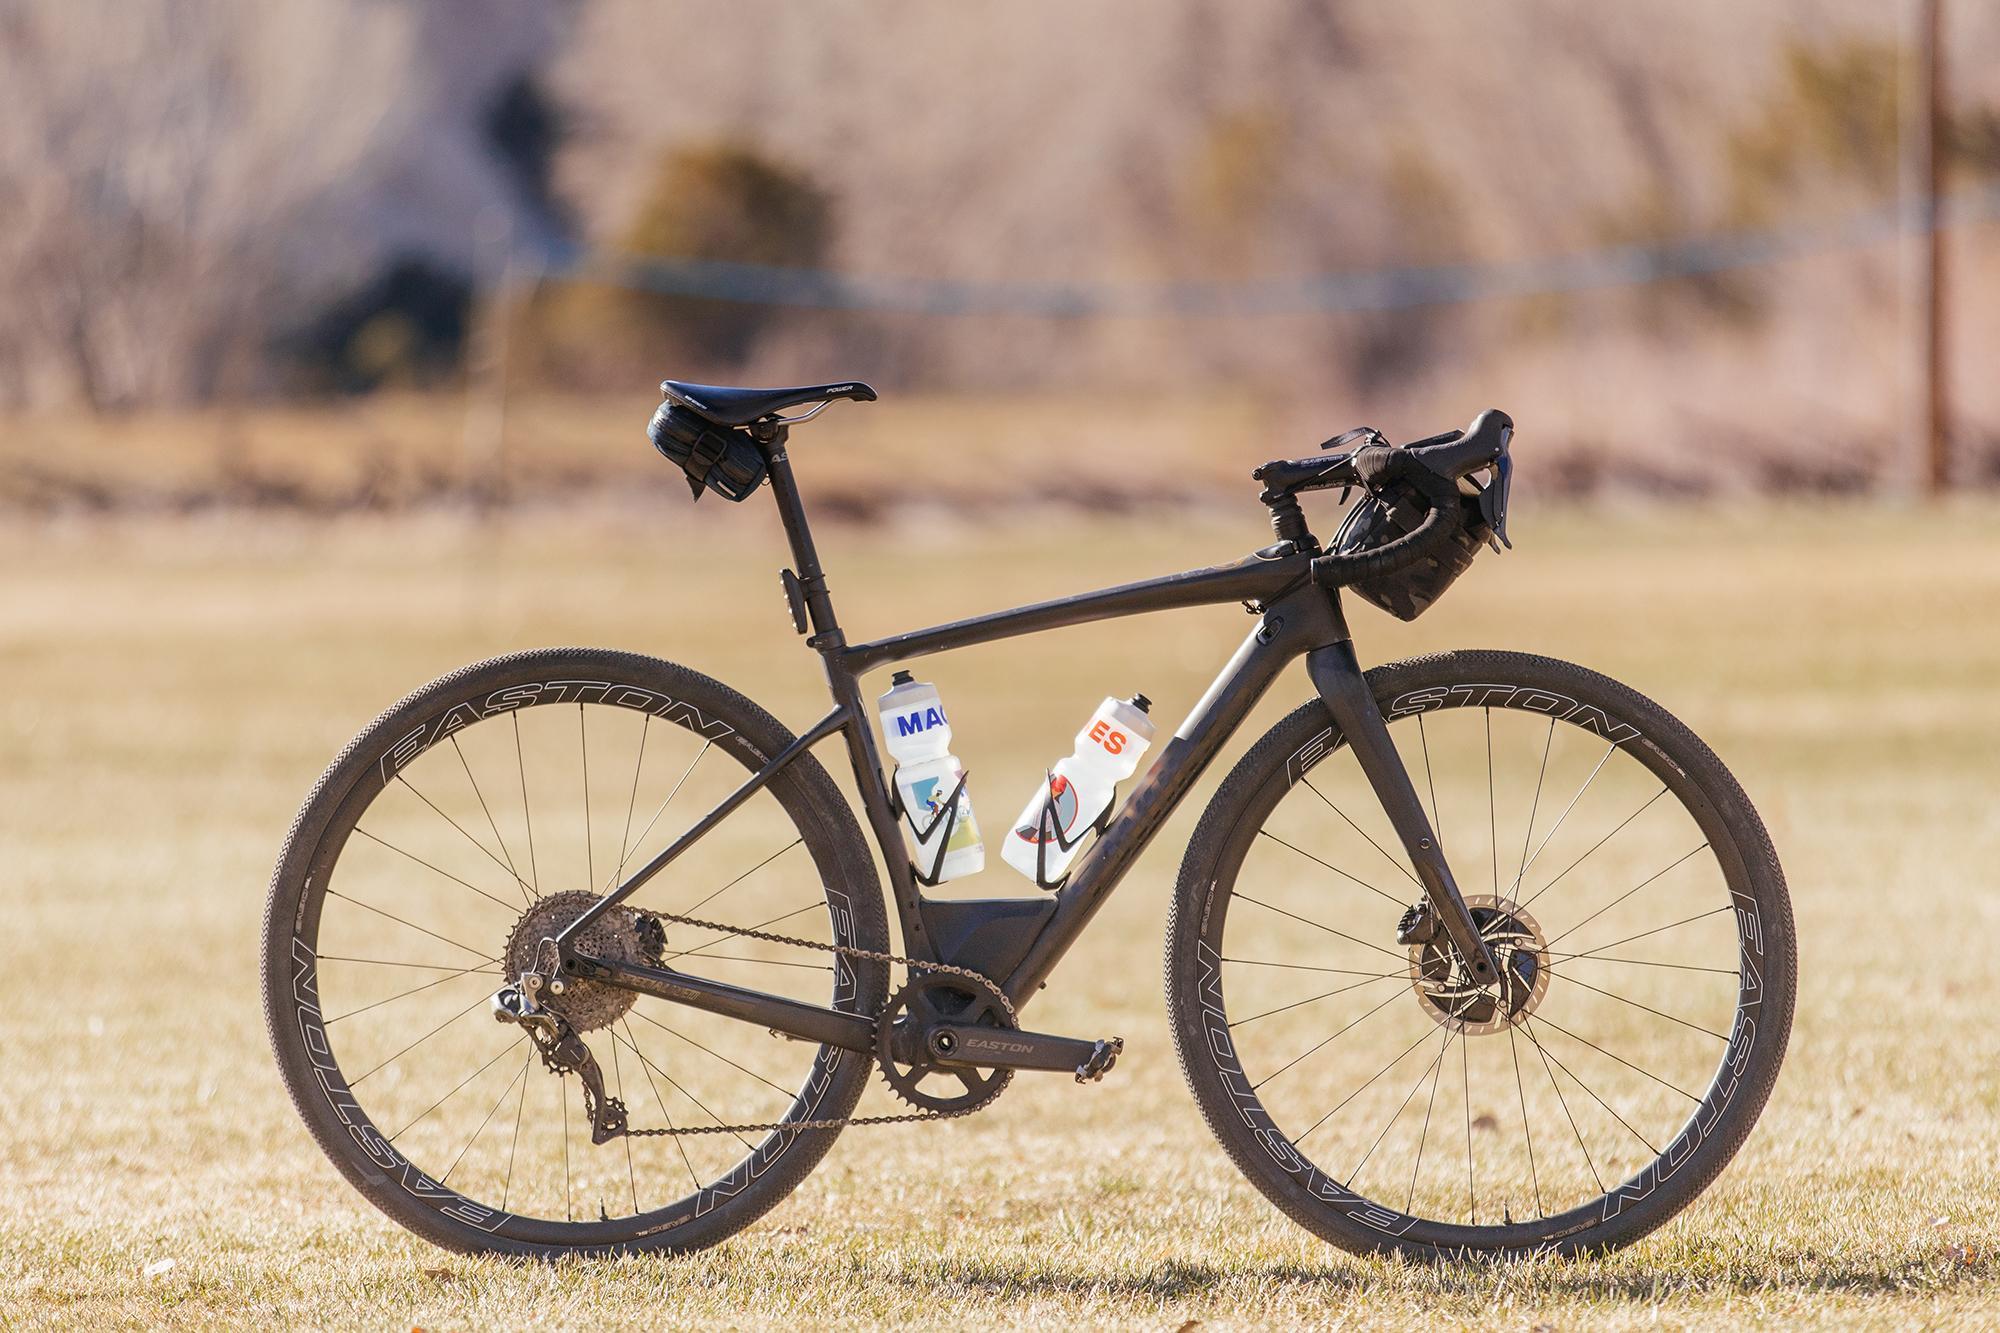 Ginger's bike!